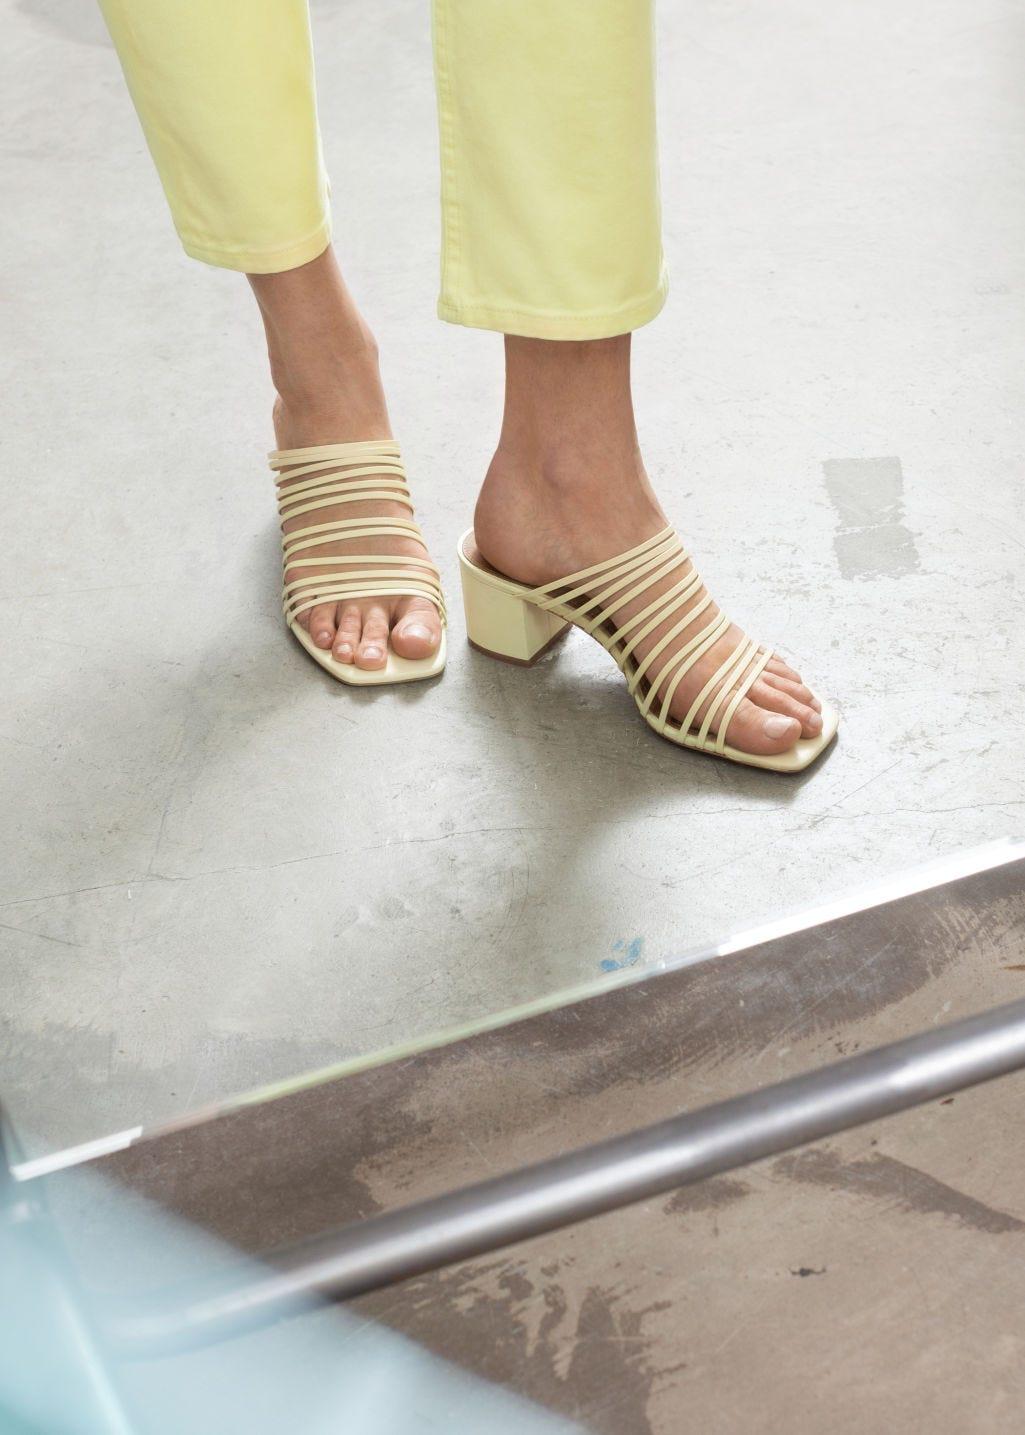 Trends Color Summer 2019 Sandal Sandal Ygyvb76f